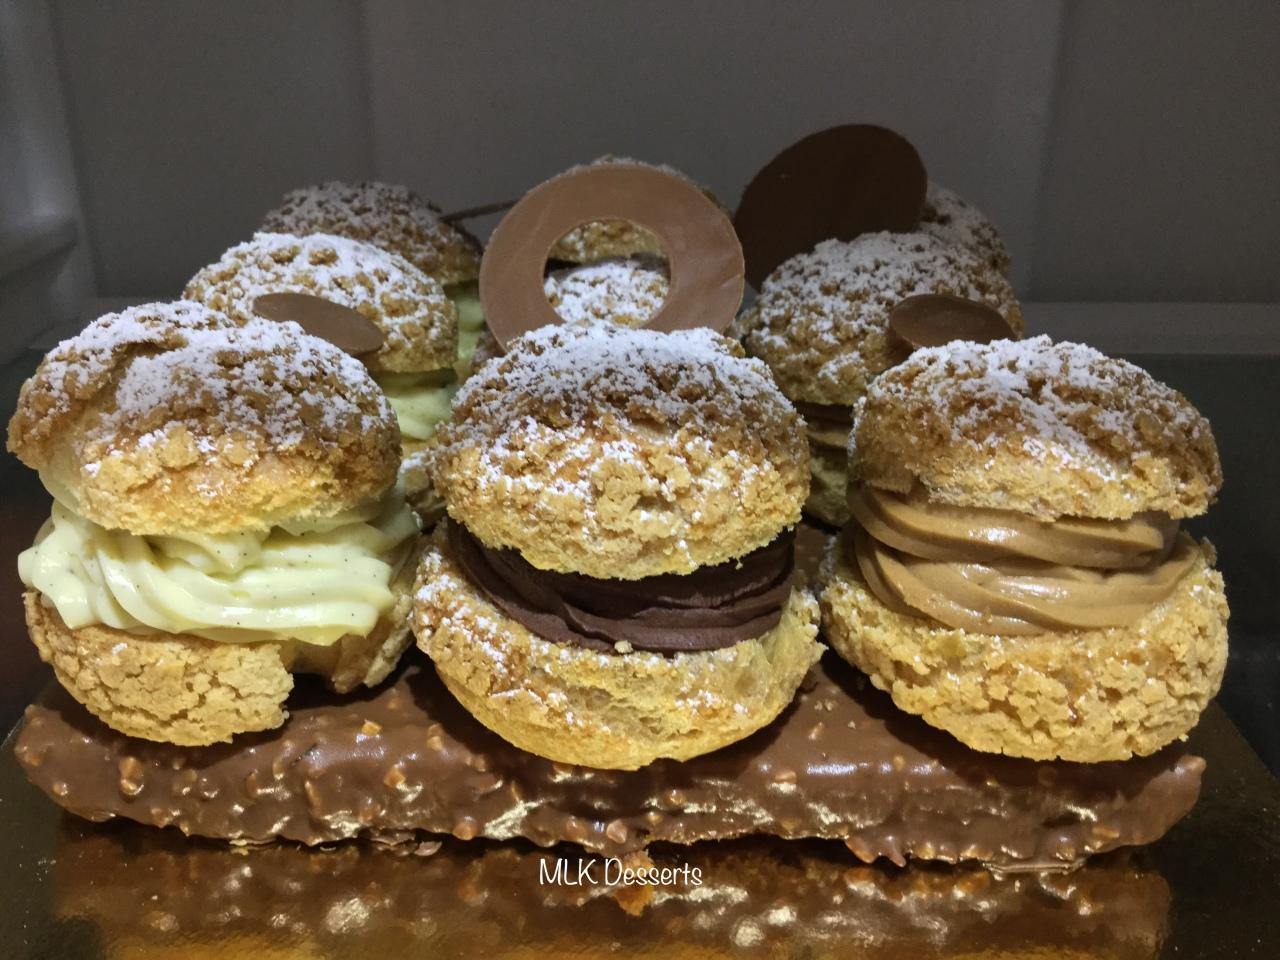 Choux crème pâtissière vanille, crémeux praliné et chantilly chocolat sur un biscuit glaçage rocher